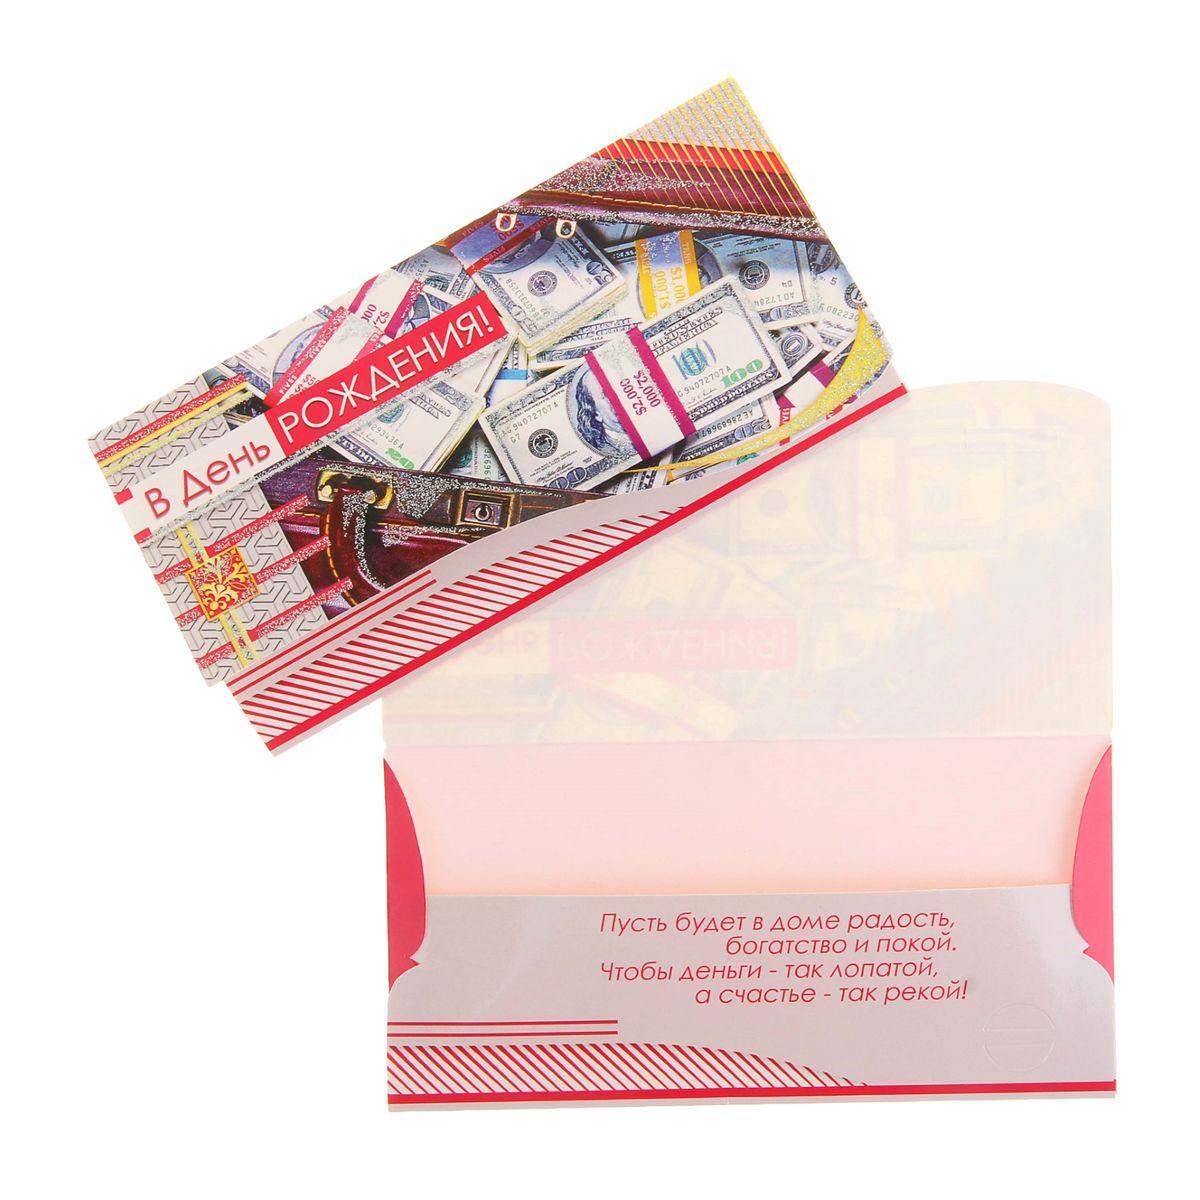 поздравление с днем рождения к подарку конверт с деньгами того как нарисован